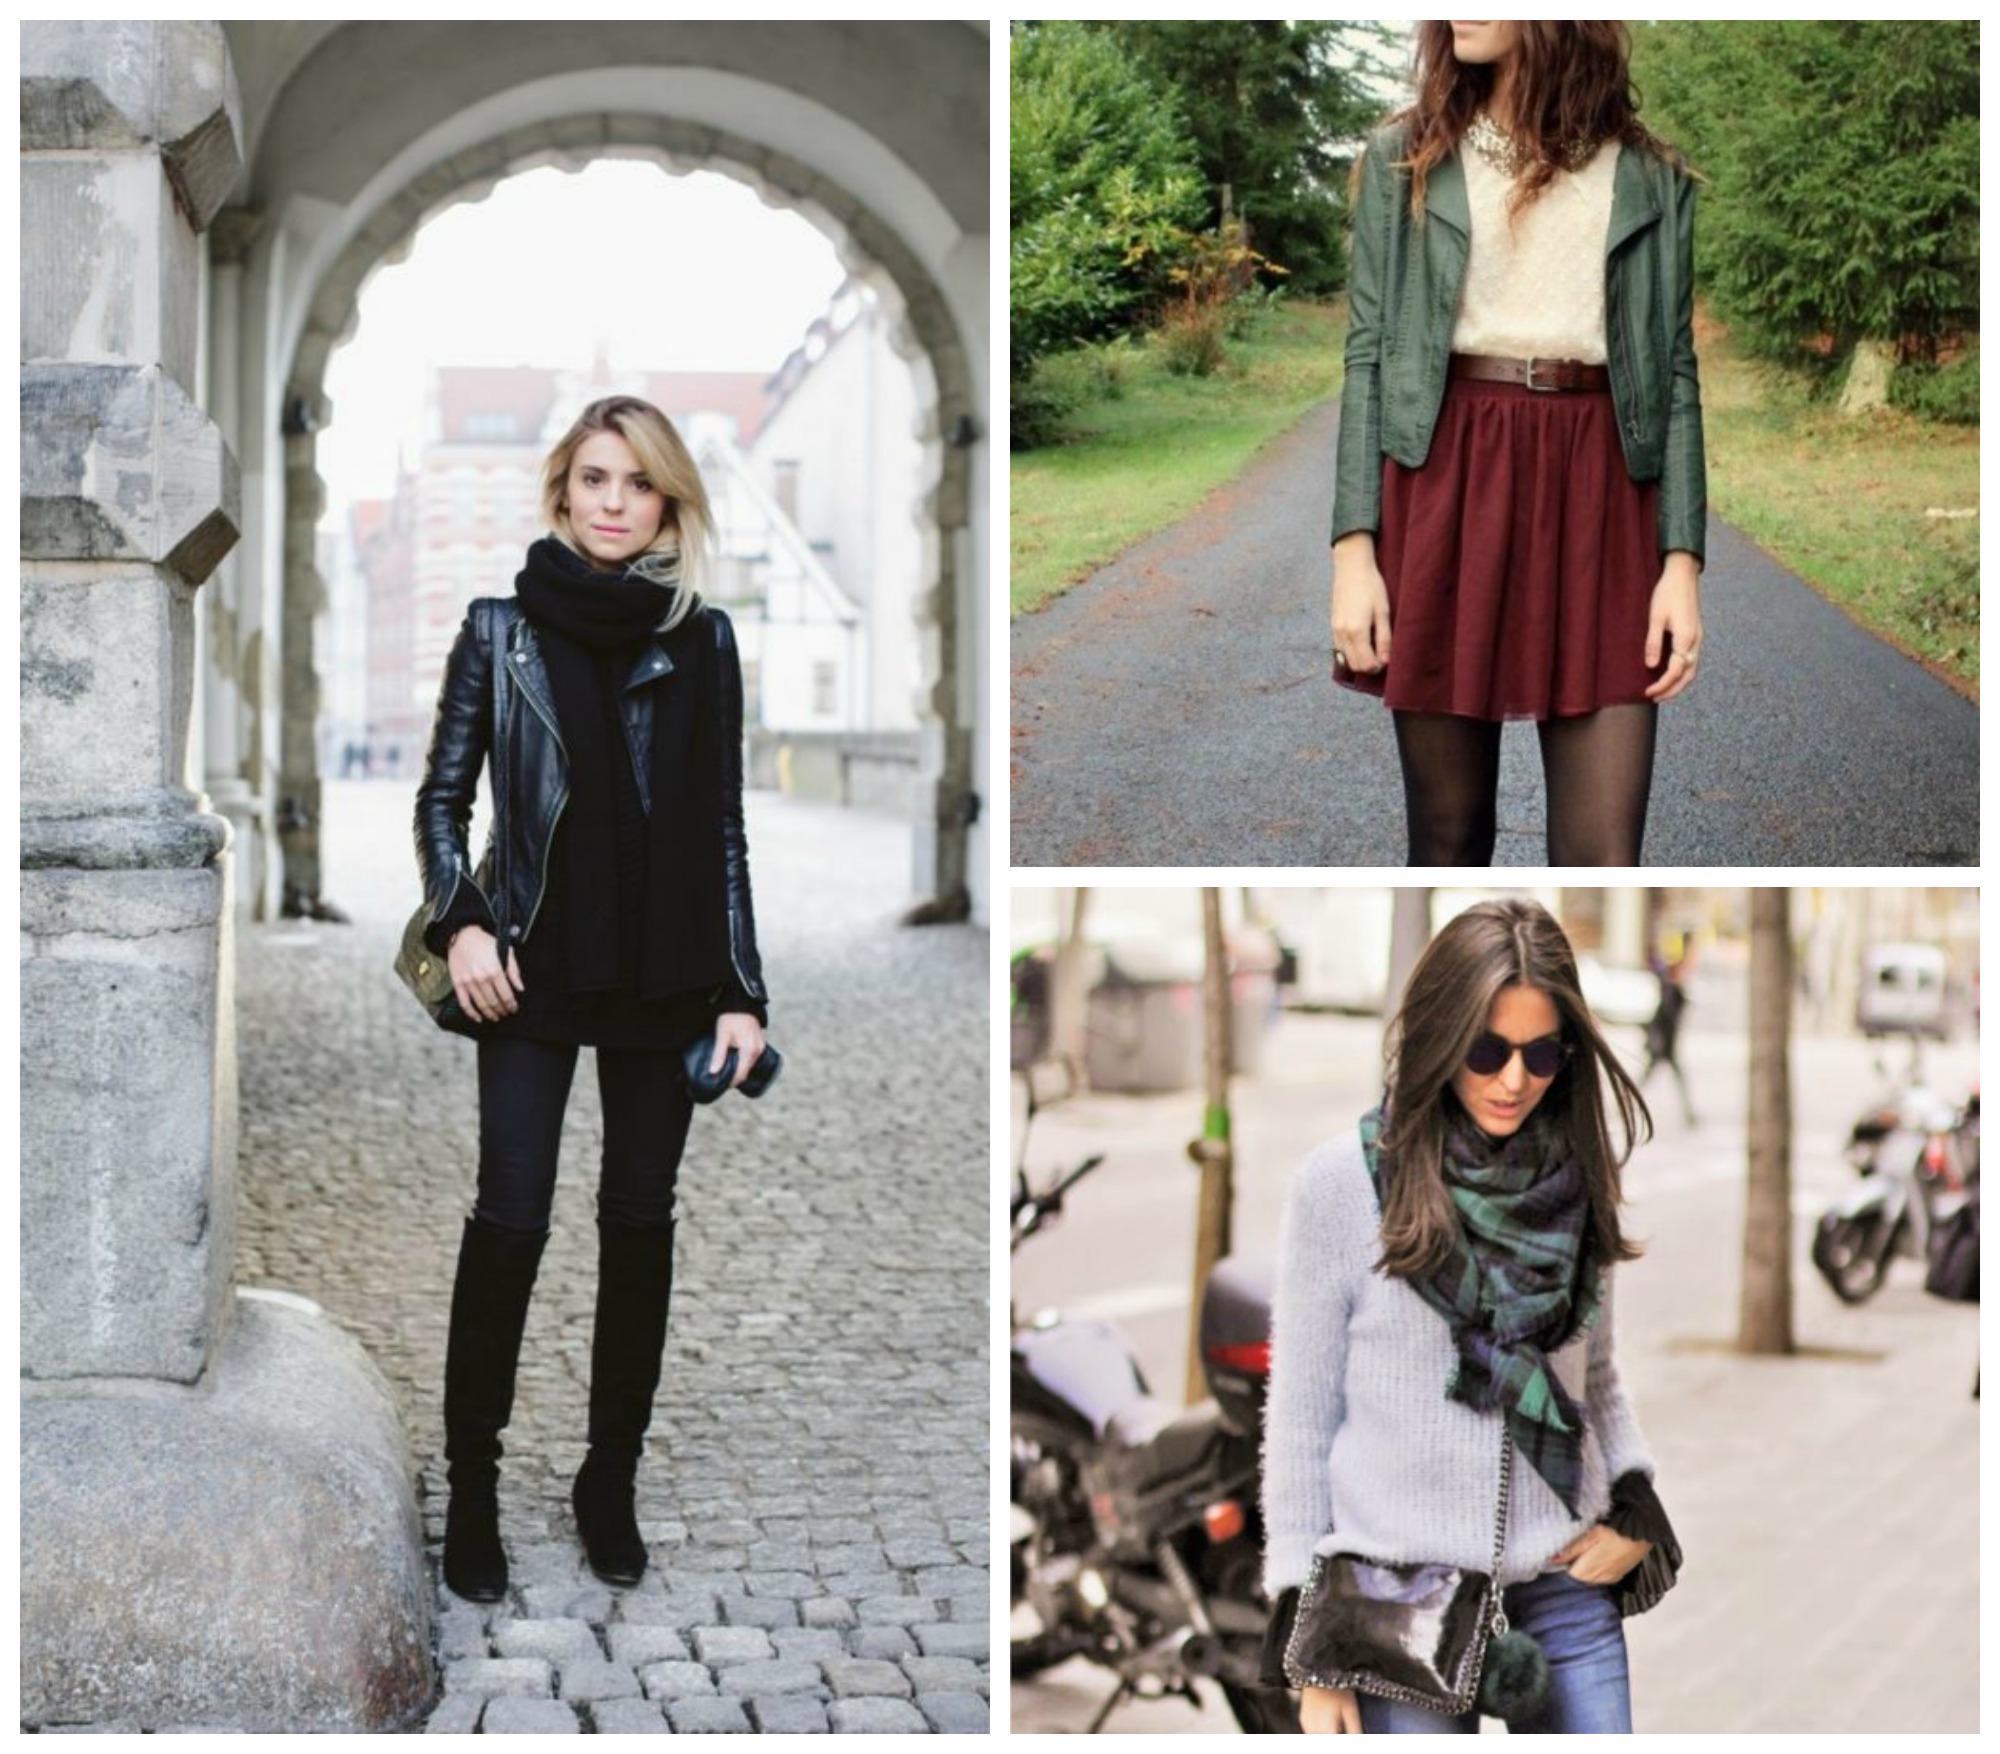 4edfc465f84f 10 Stitch Fix Fall Ideas Your Wardrobe Needs